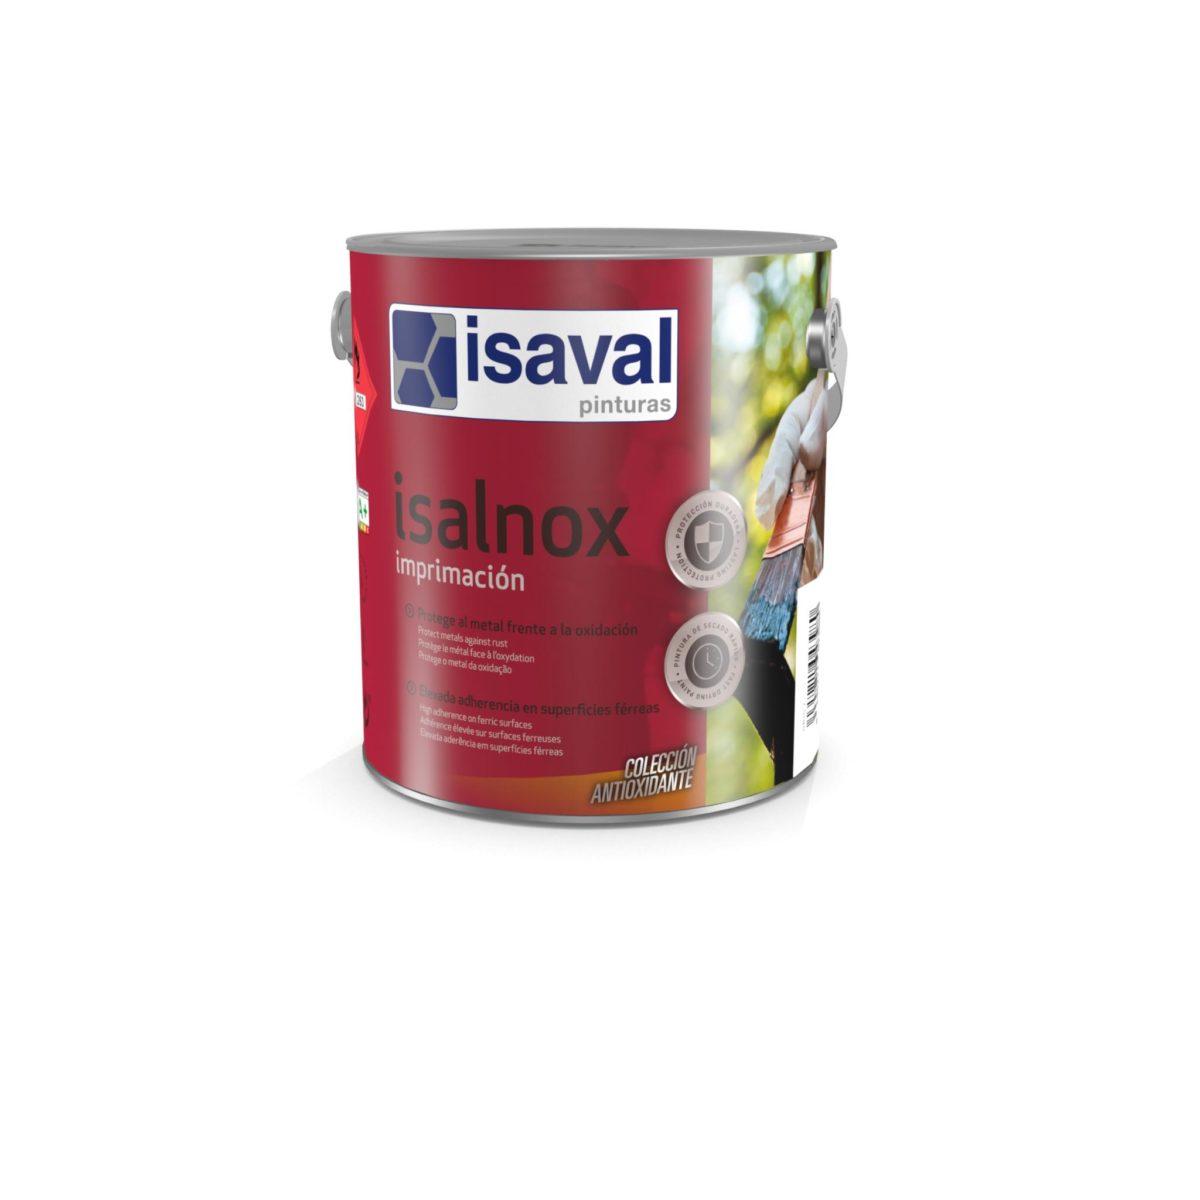 Isalnox Imprimación. Imprimación alquídica antioxidante de Pinturas Isaval